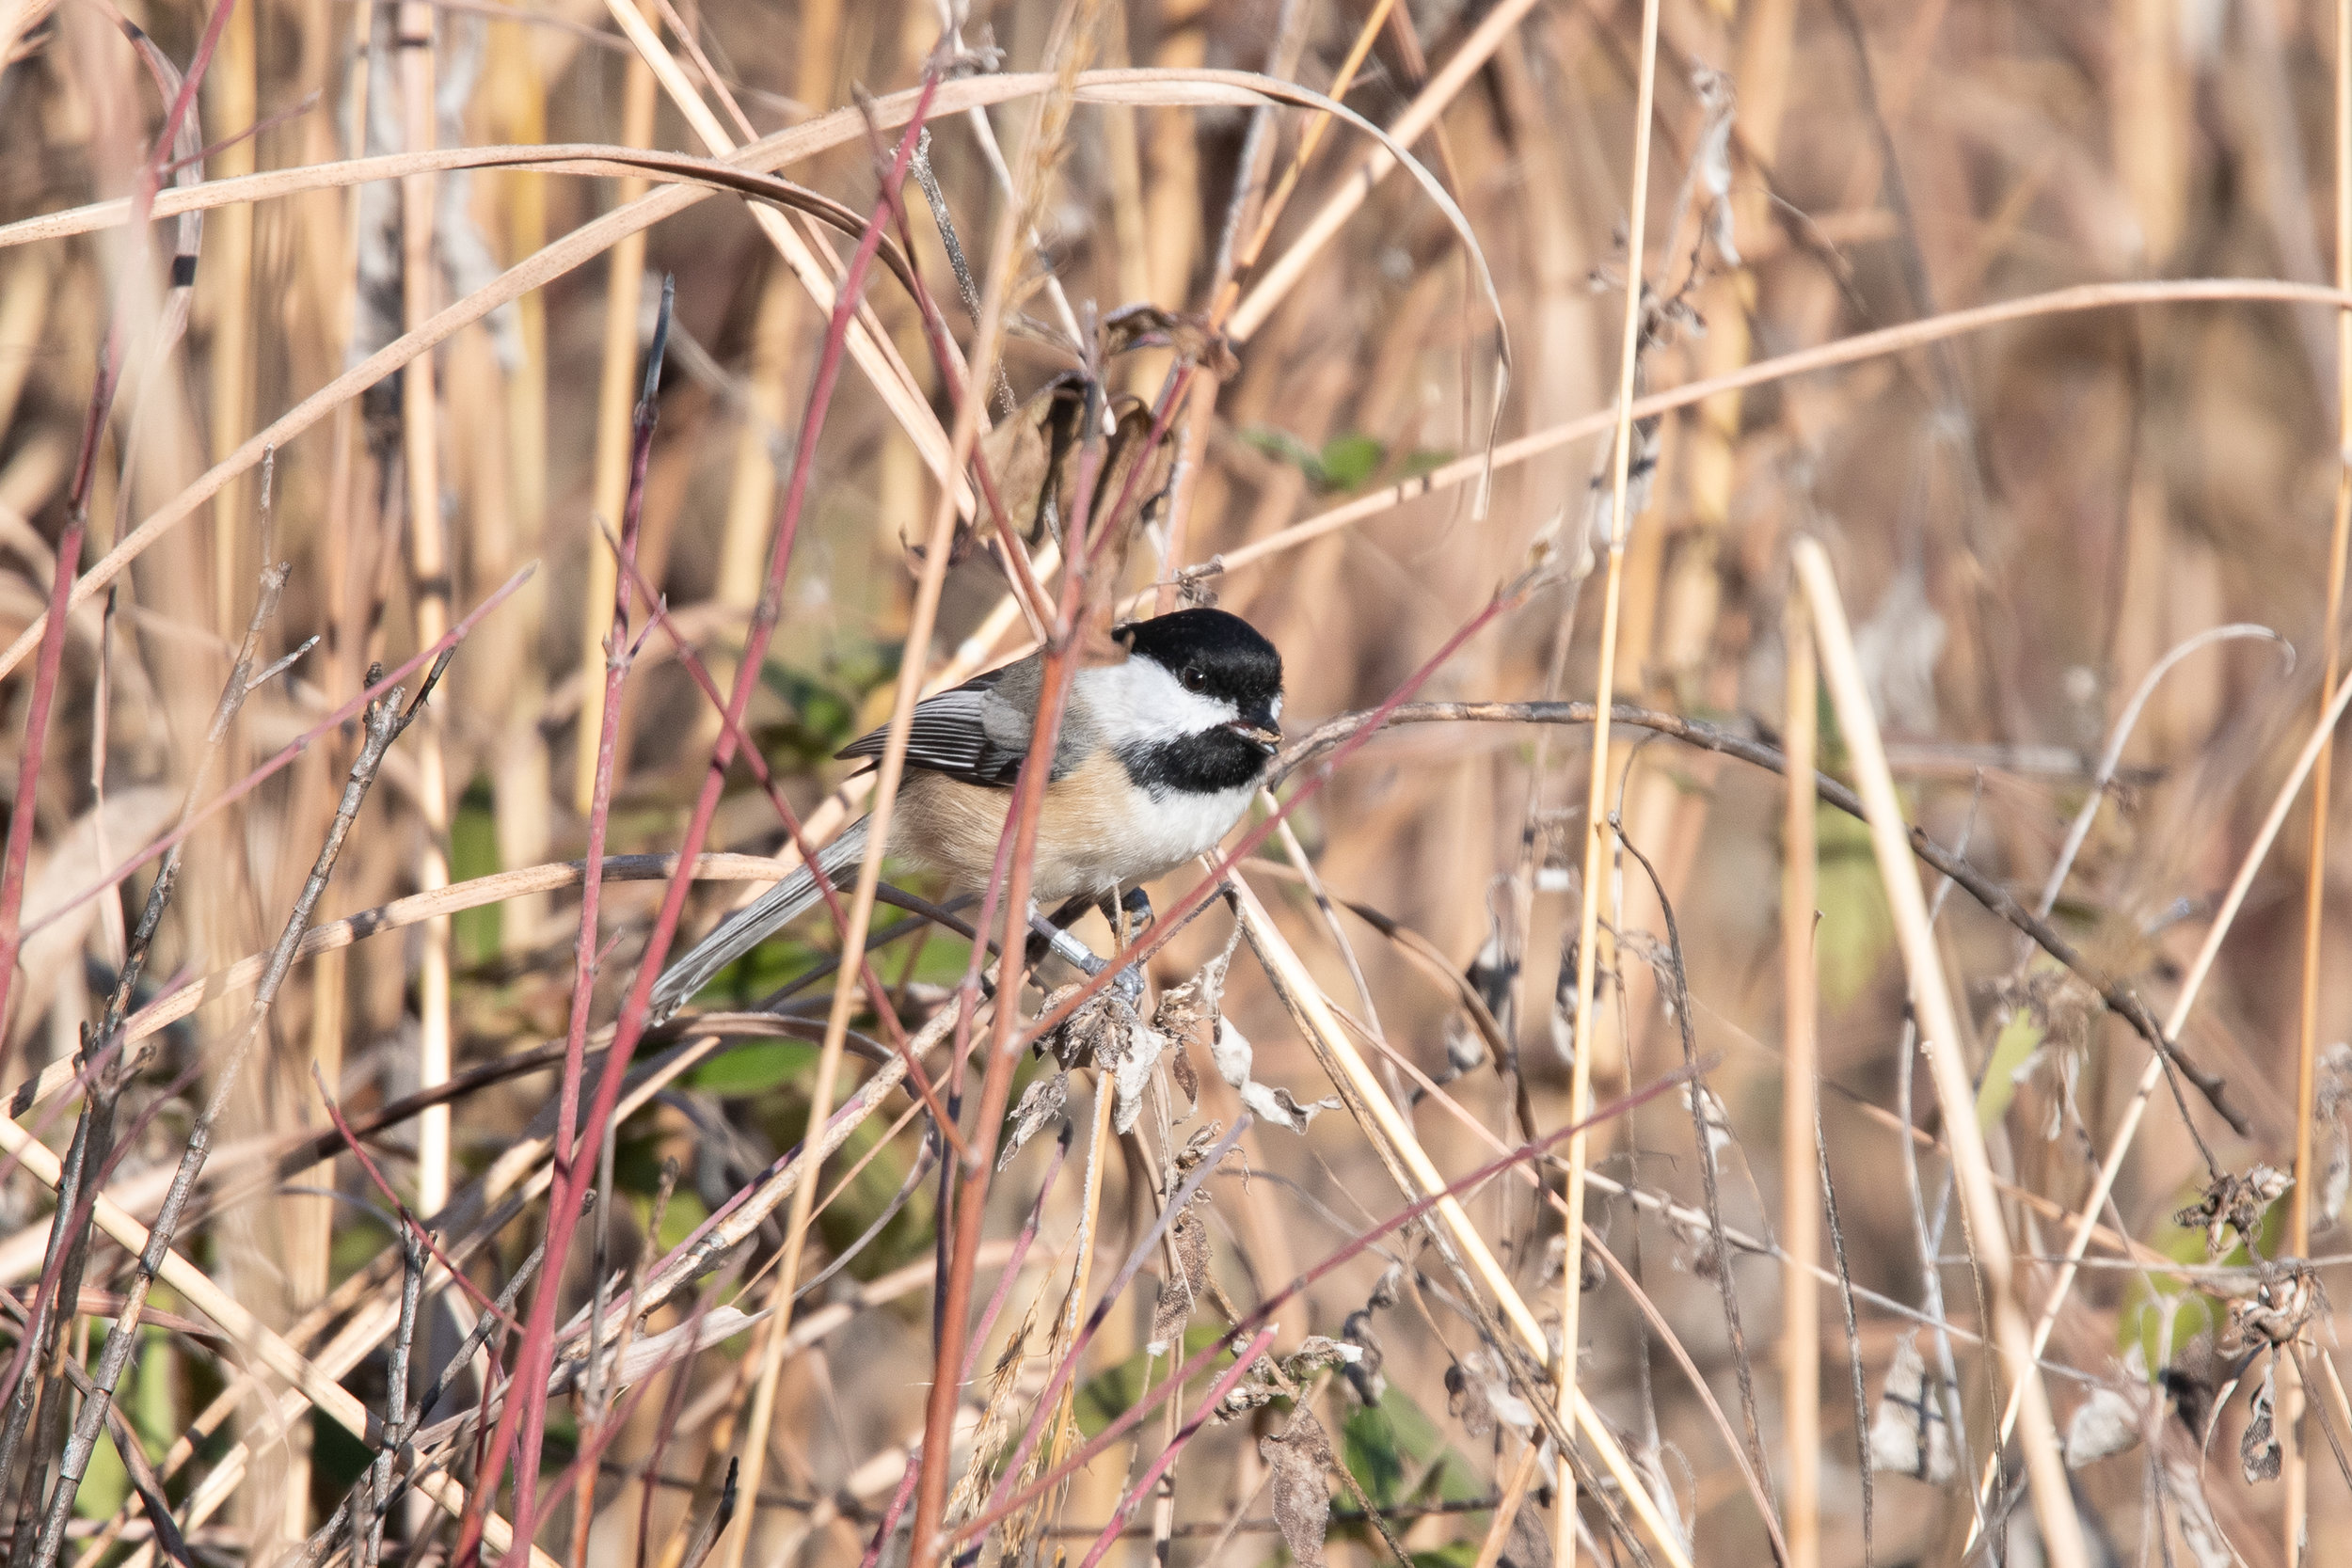 martha-lafite-birds-8-of-37_45175547214_o.jpg